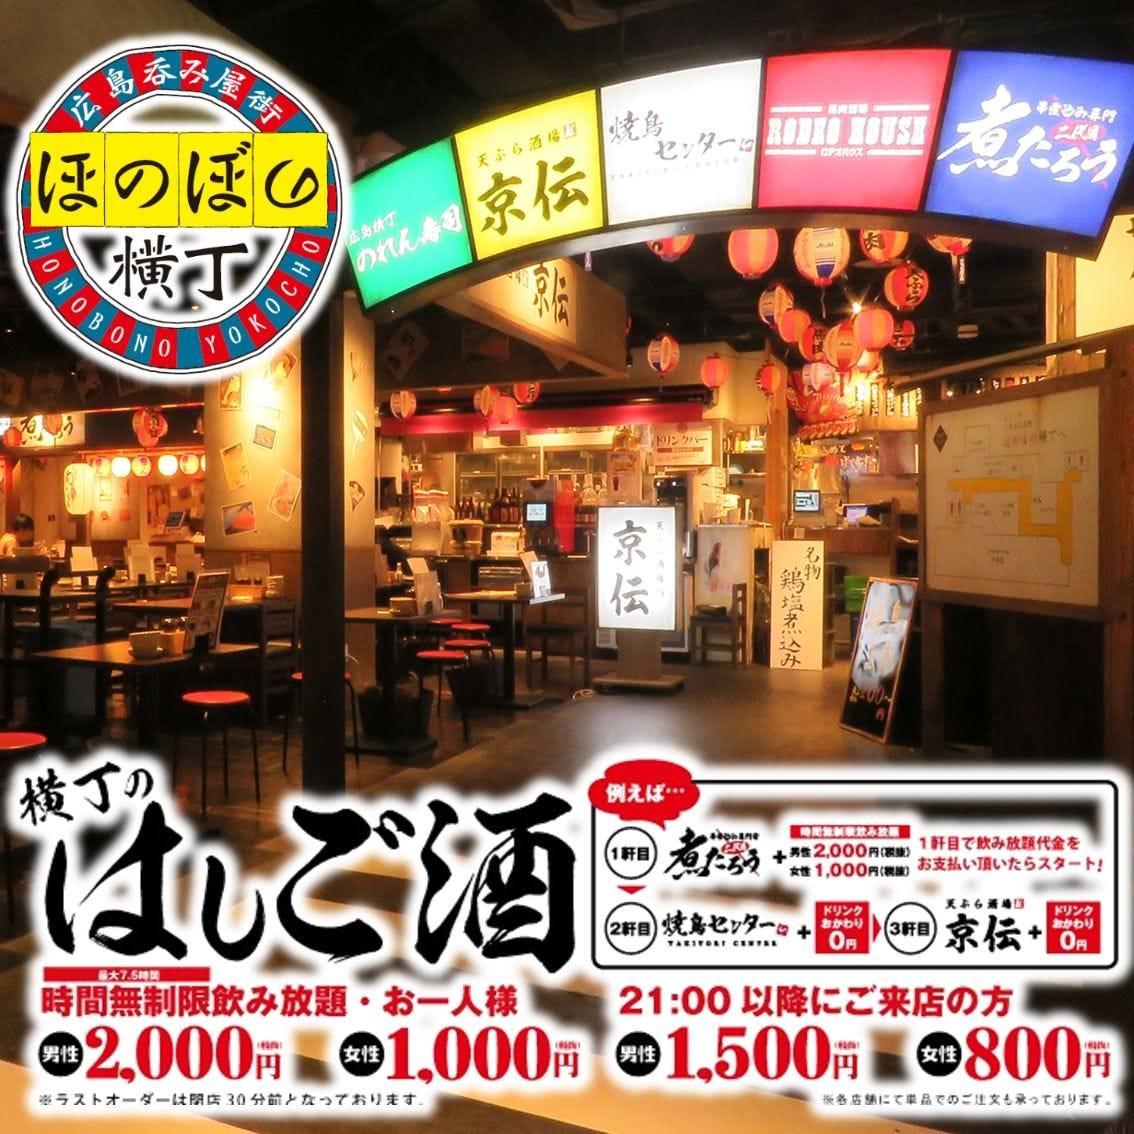 広島呑み屋街 ほのぼの横丁 広島駅前店